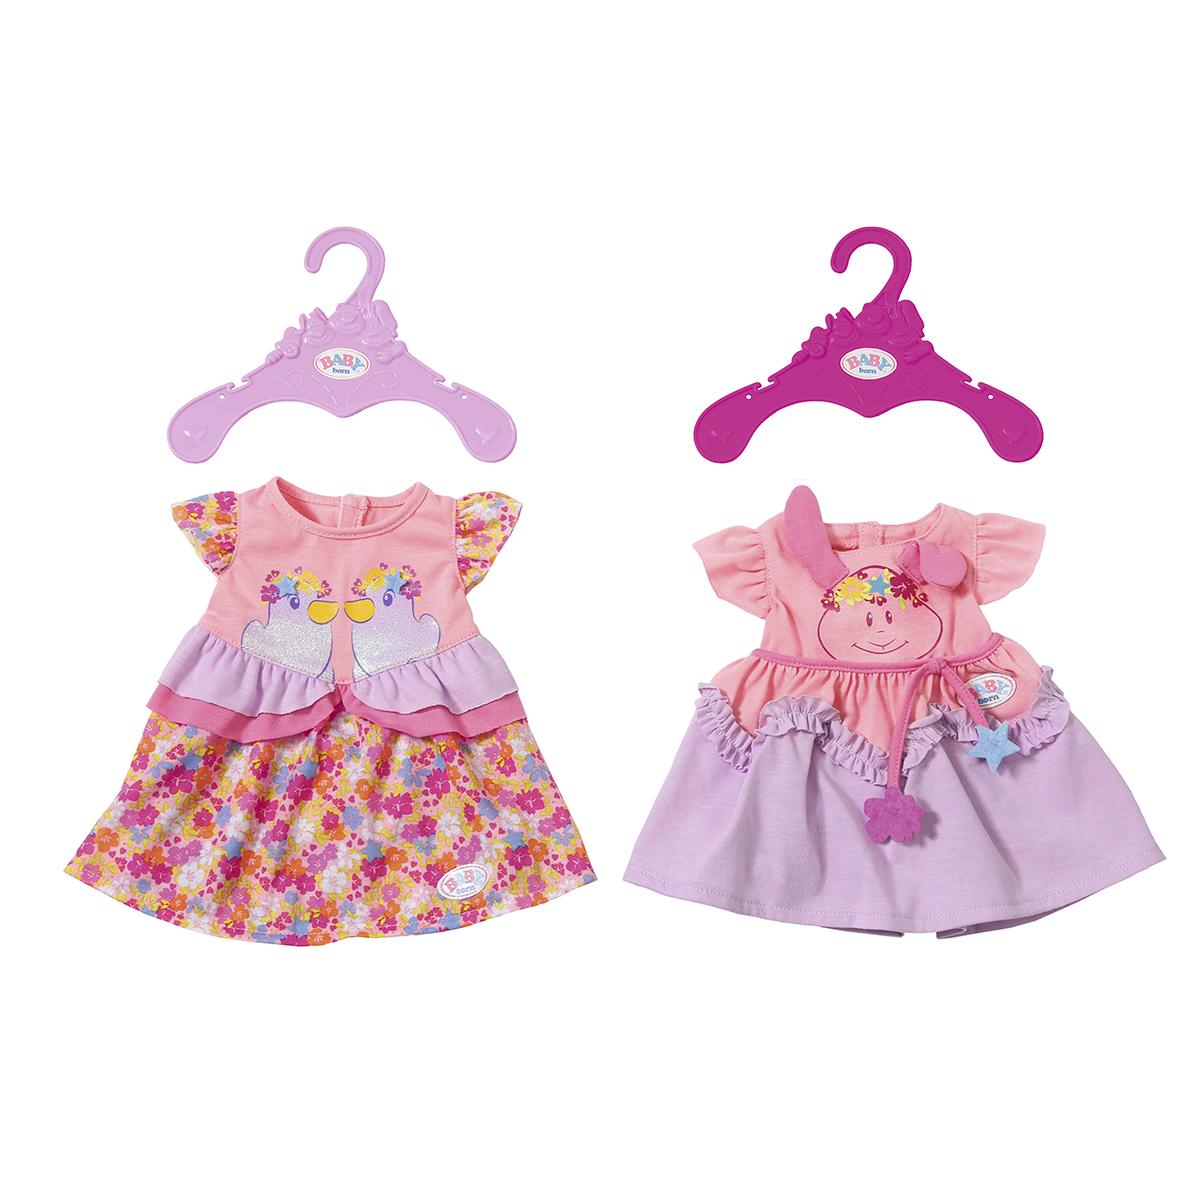 одежда для кукол картинки платье просто заказываете автомобиль